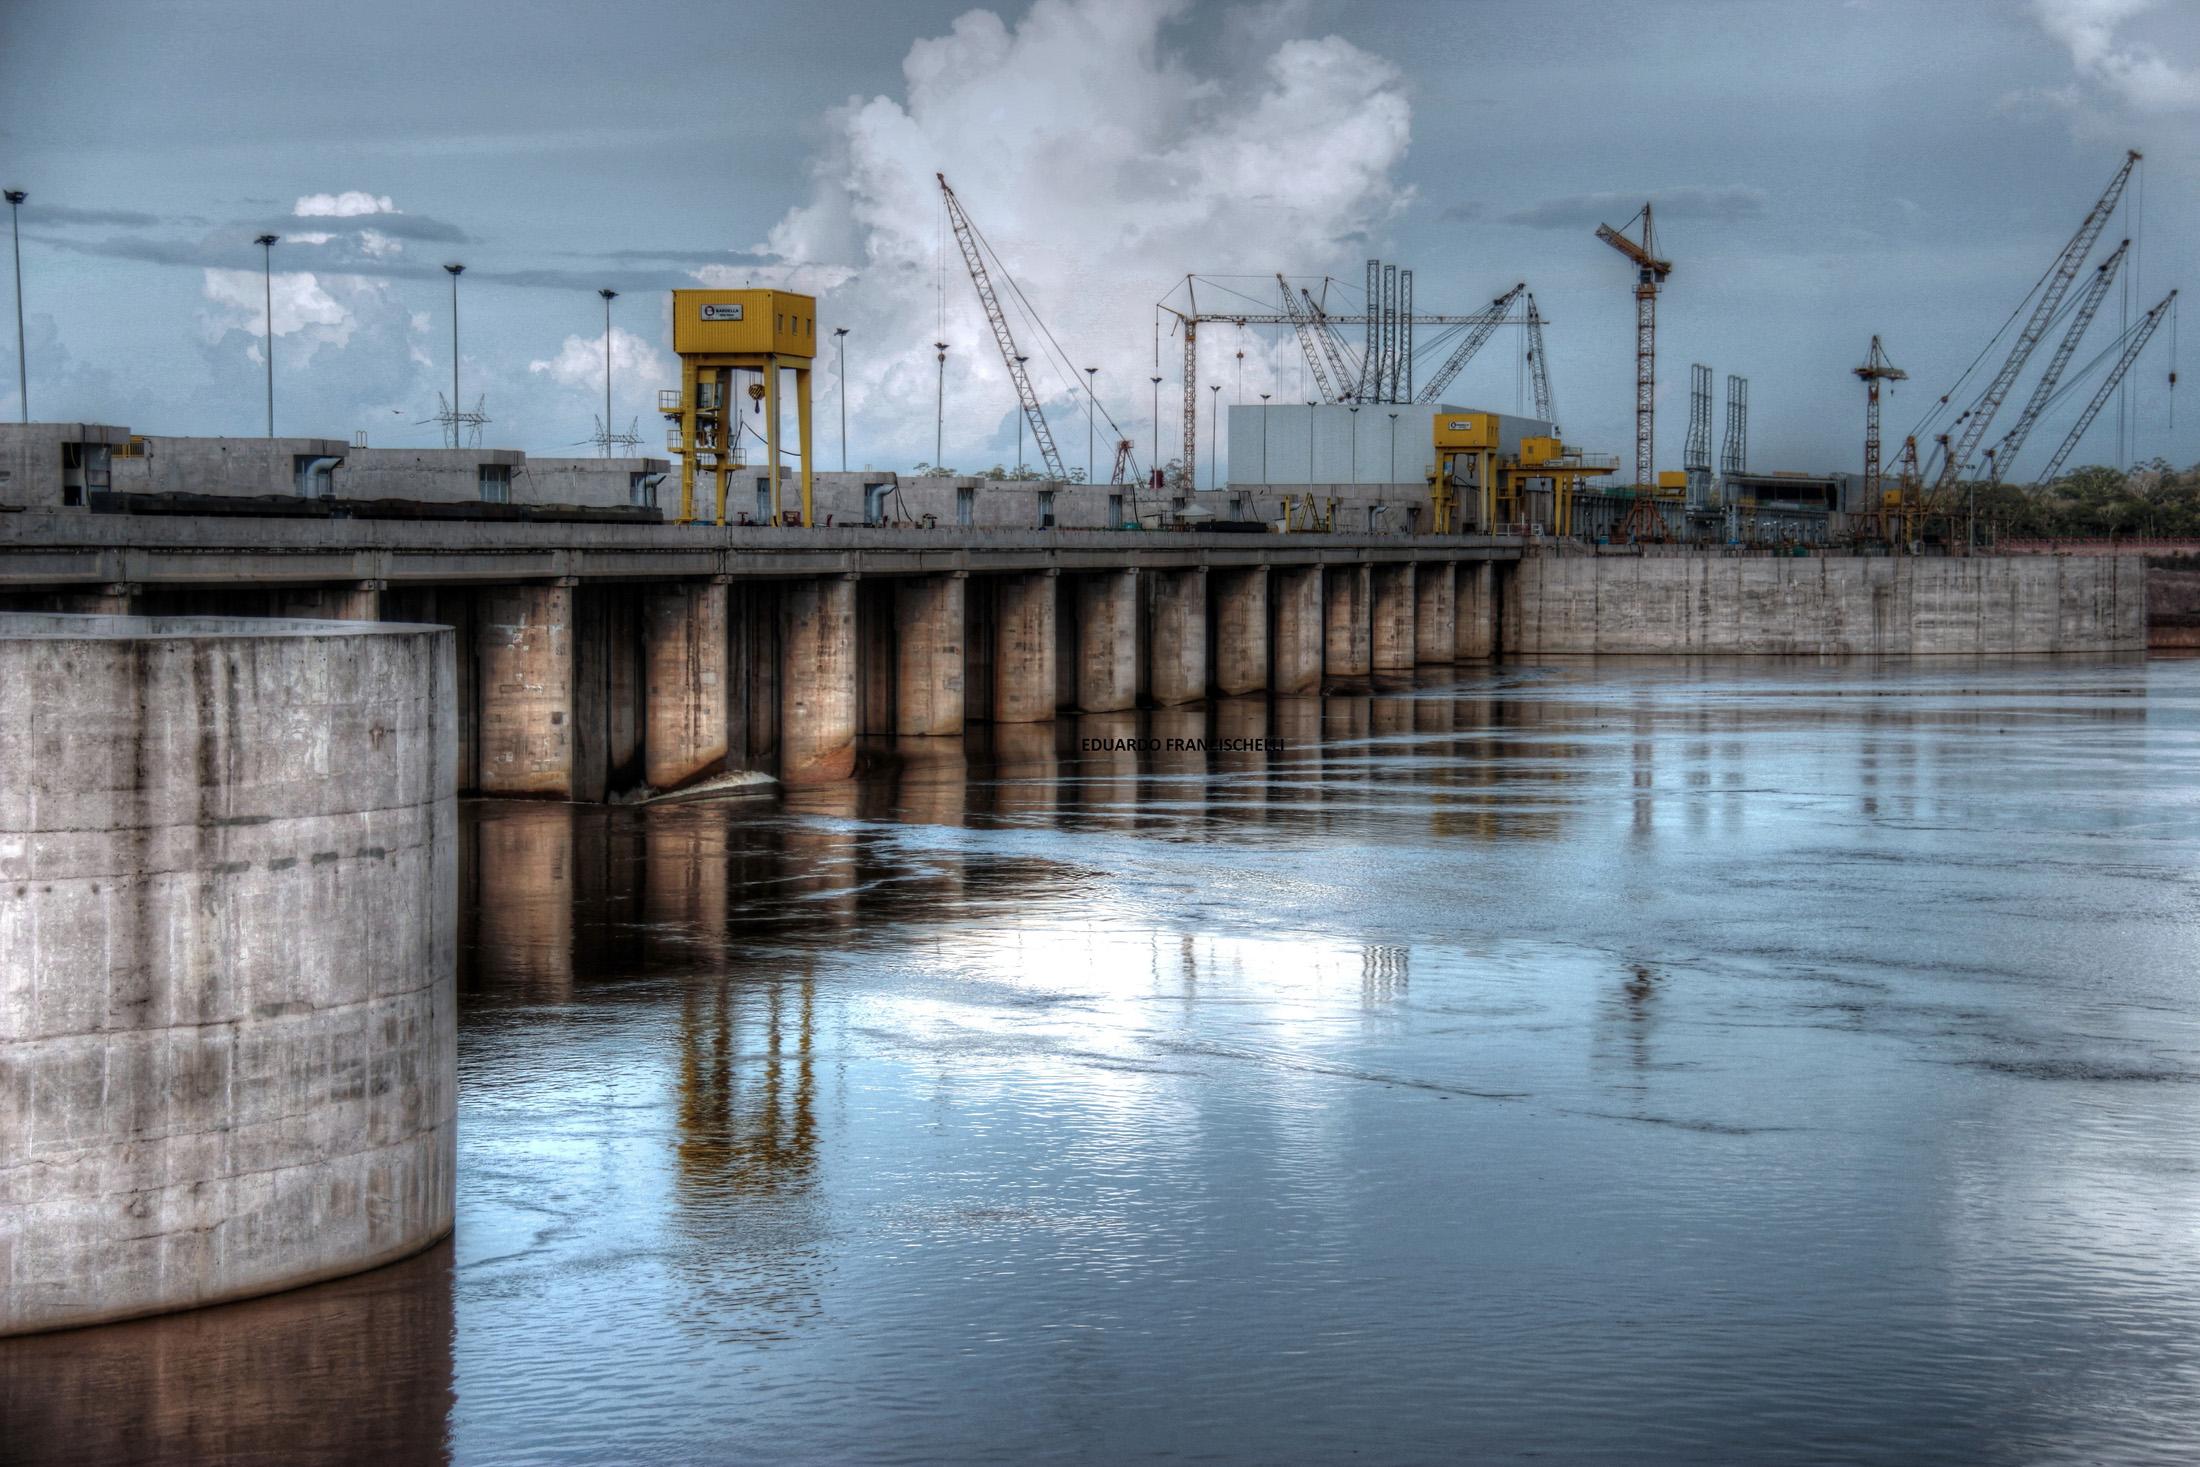 Hidrelétricas e Aquecimento Global – 13: Métodos inadequados para concentrações de gases